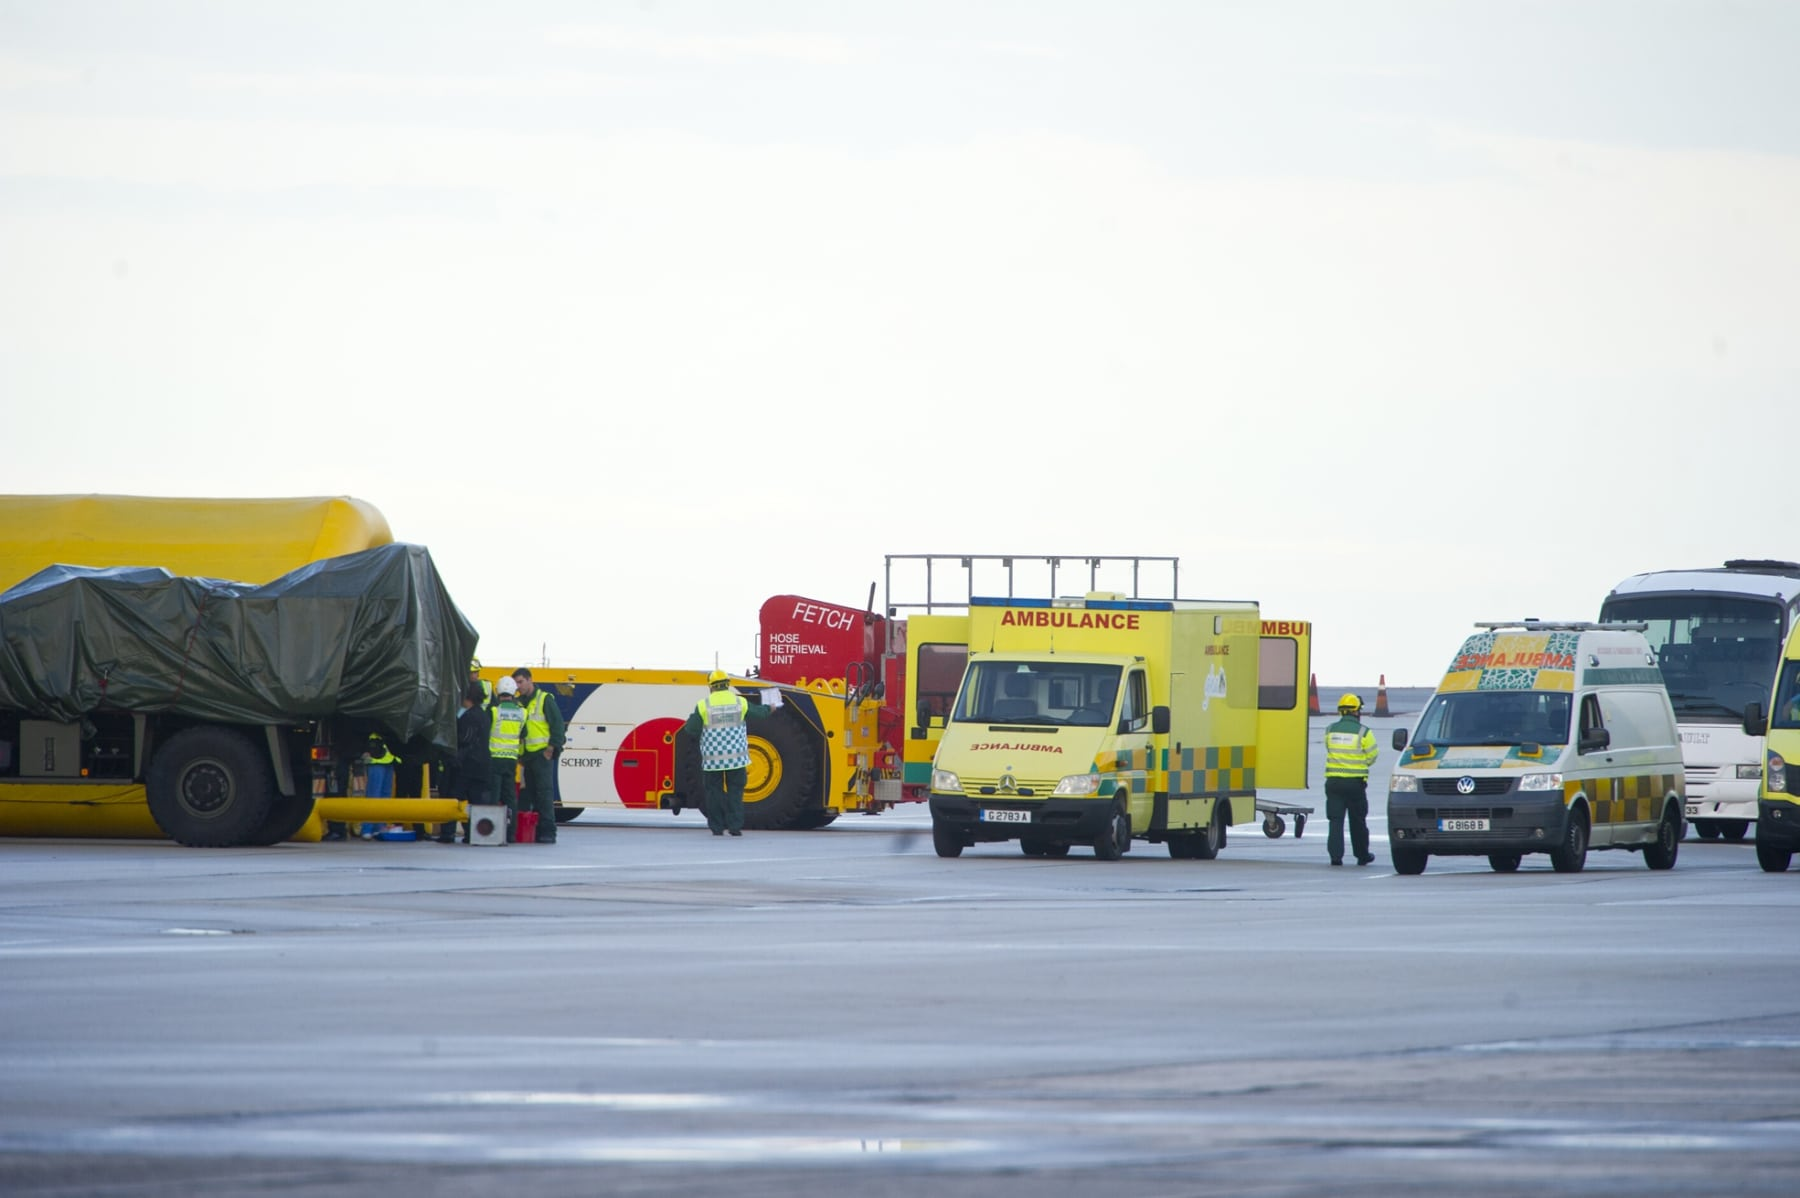 simulacro-accidente-aereo-en-gibraltar-03122014-23_15943921465_o